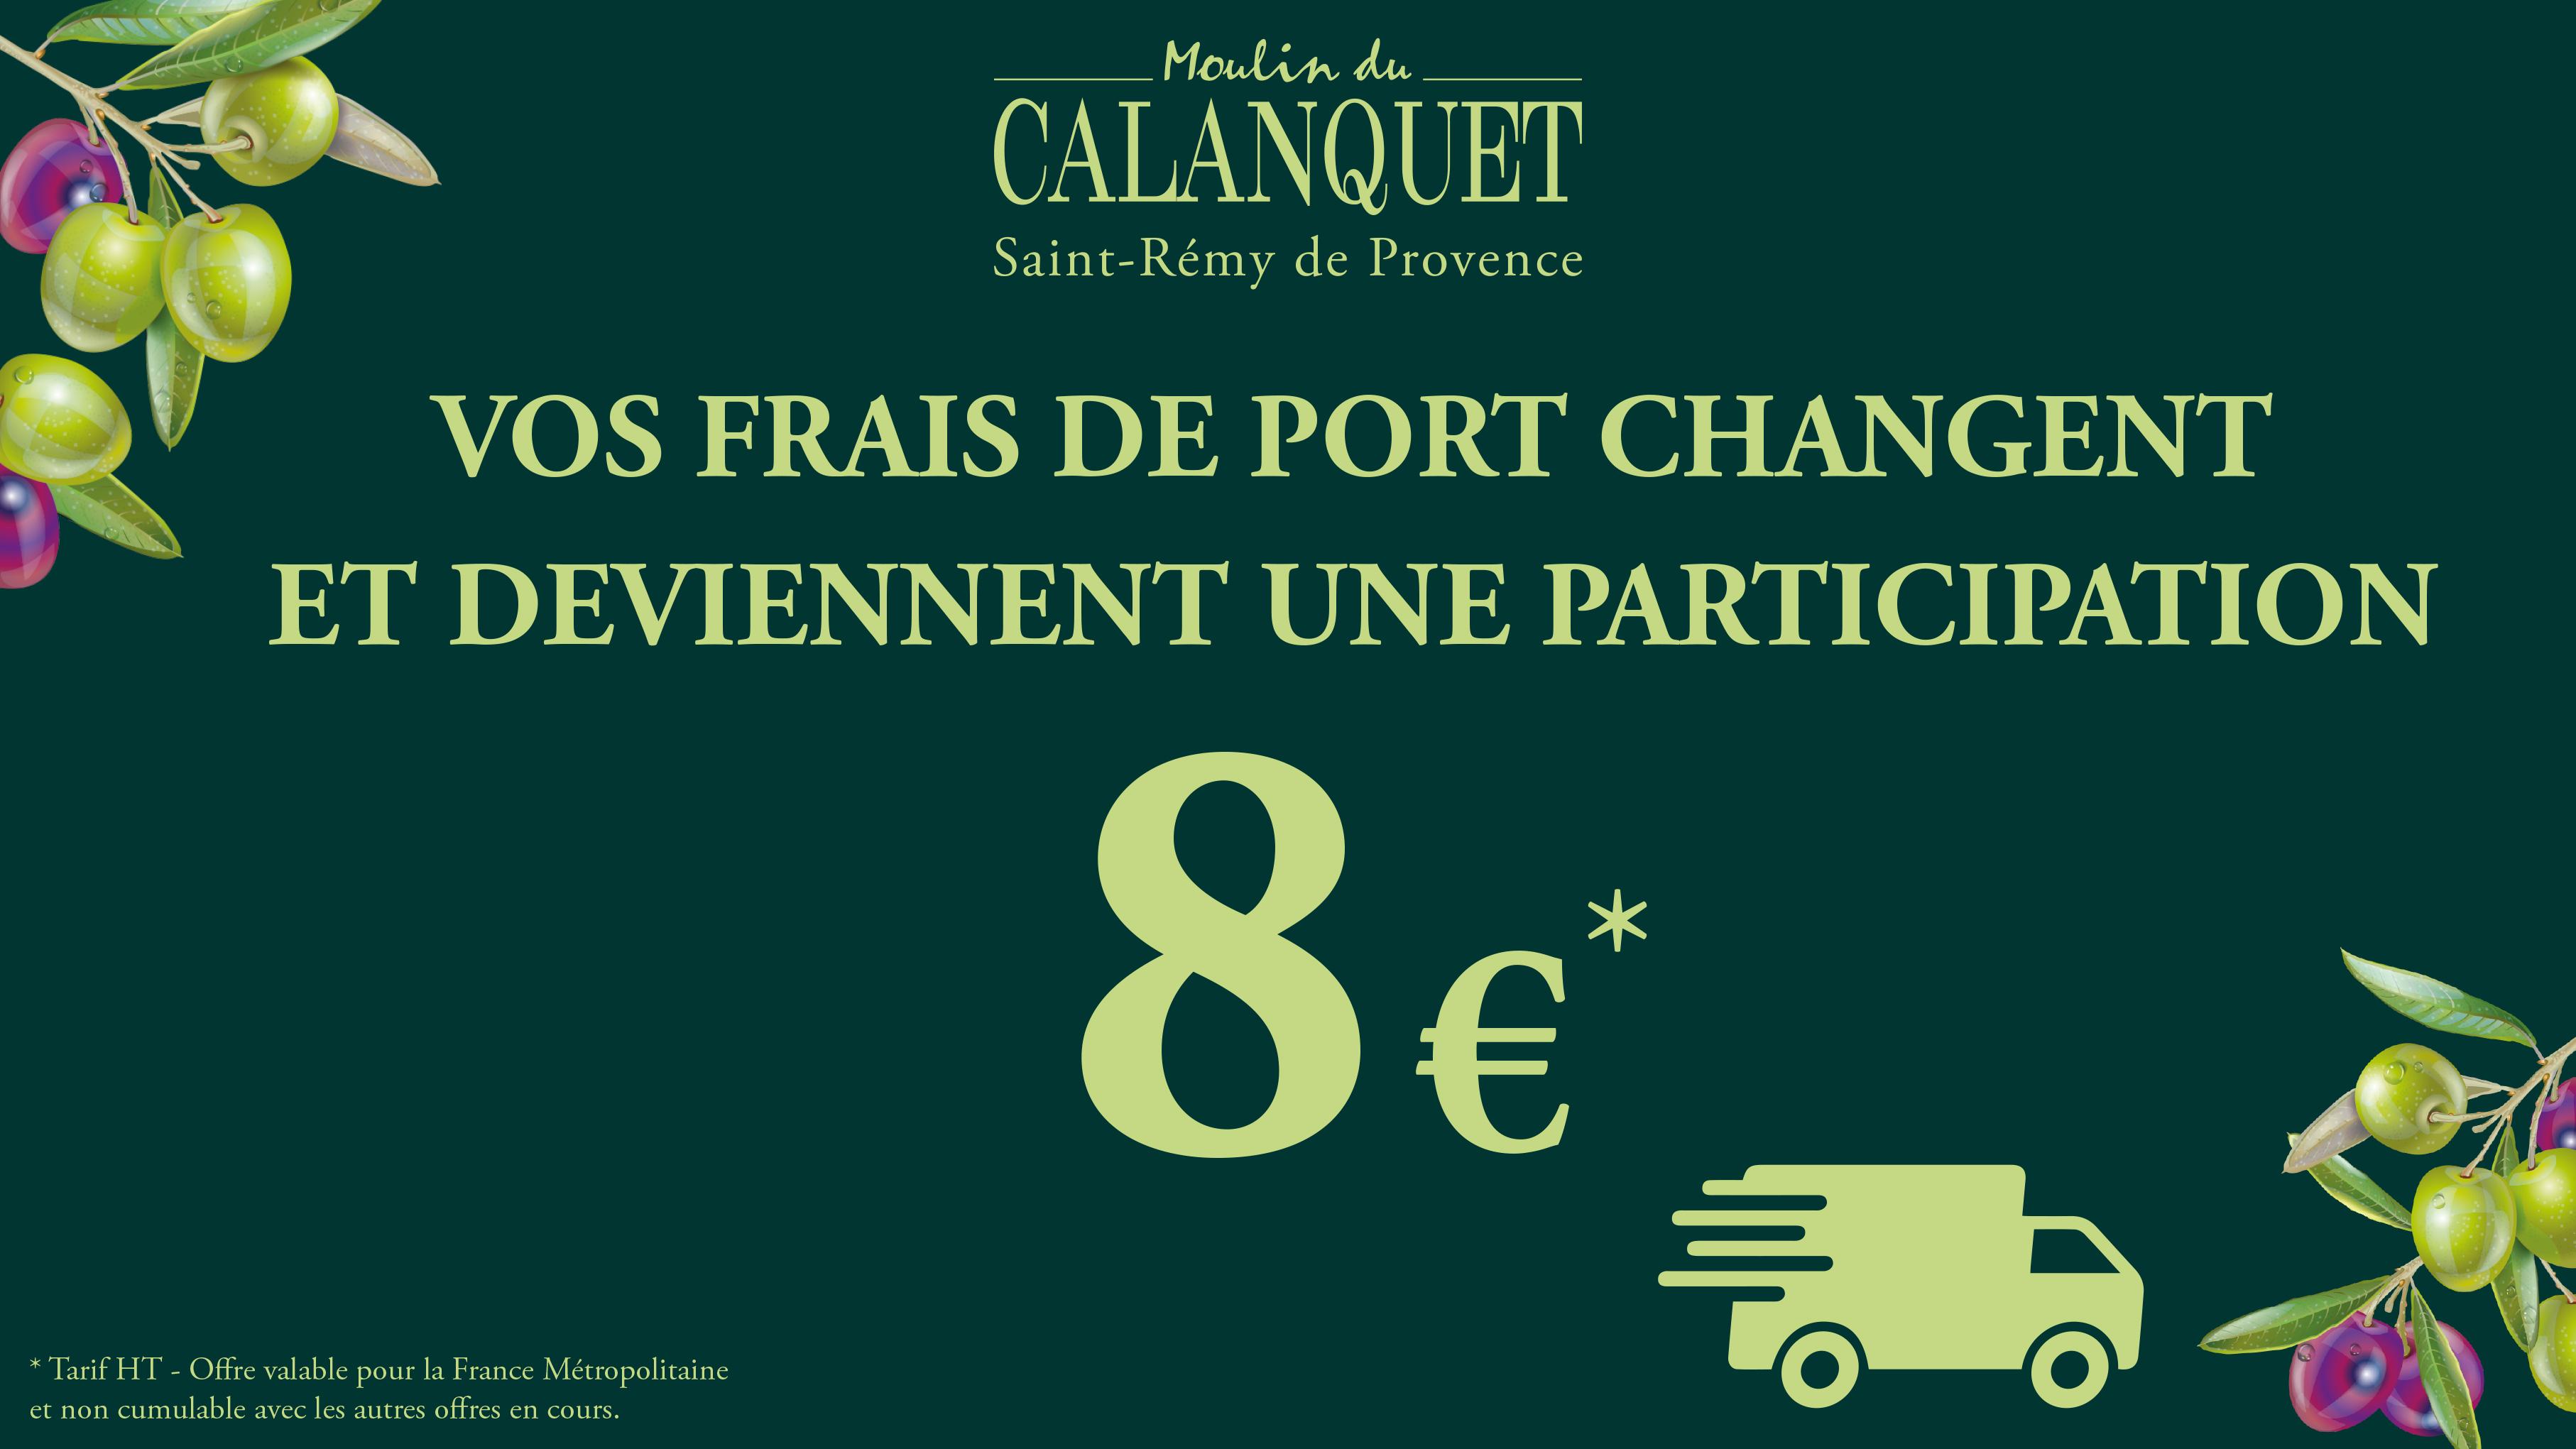 Nouveau les frais de port changent sur notre boutique en - Vente privee com frais de port gratuit ...